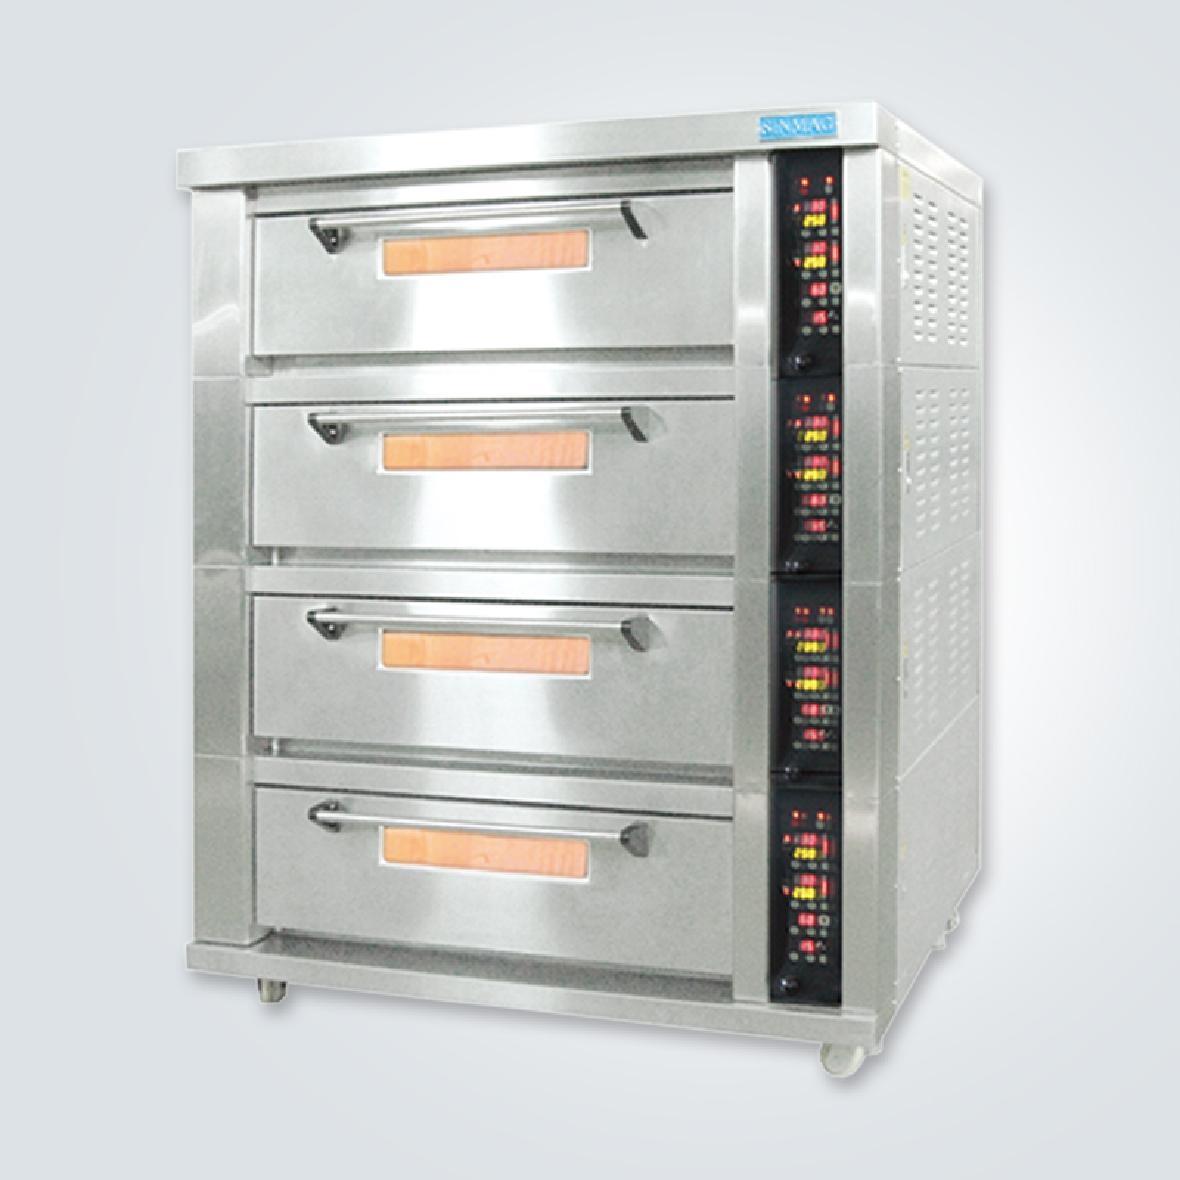 電烤爐 SK2-643F